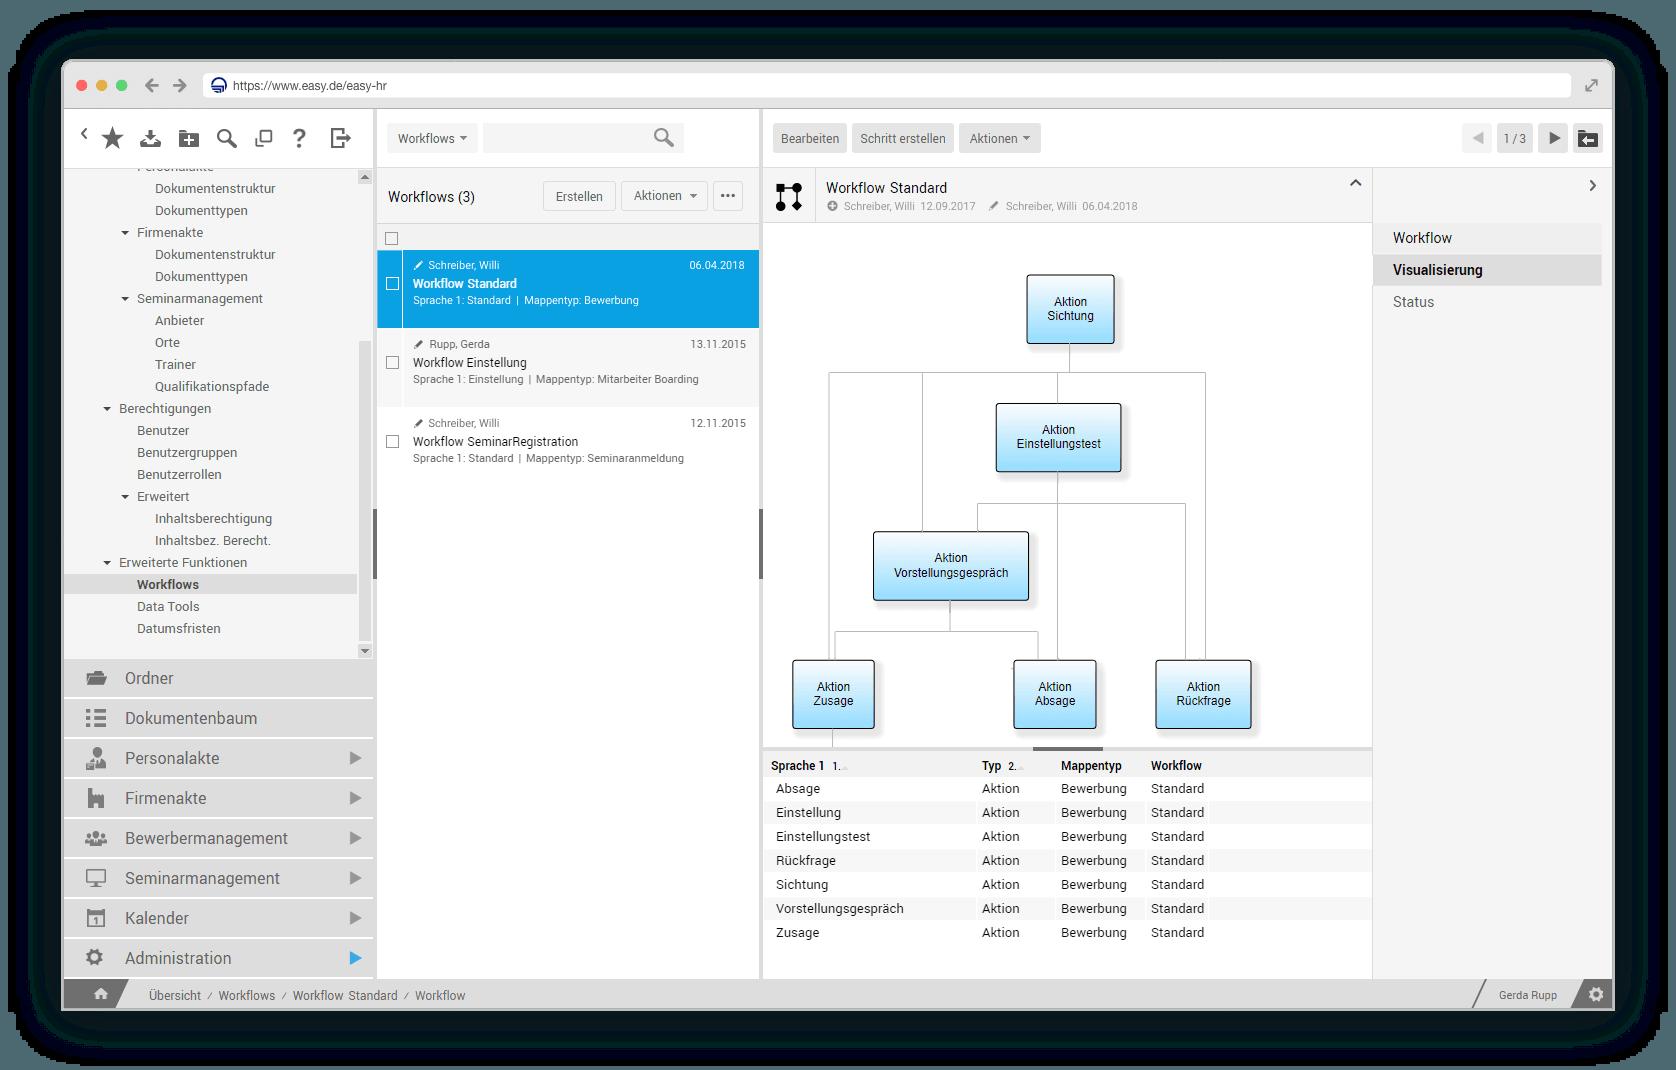 web–easy-hr–de-workflow